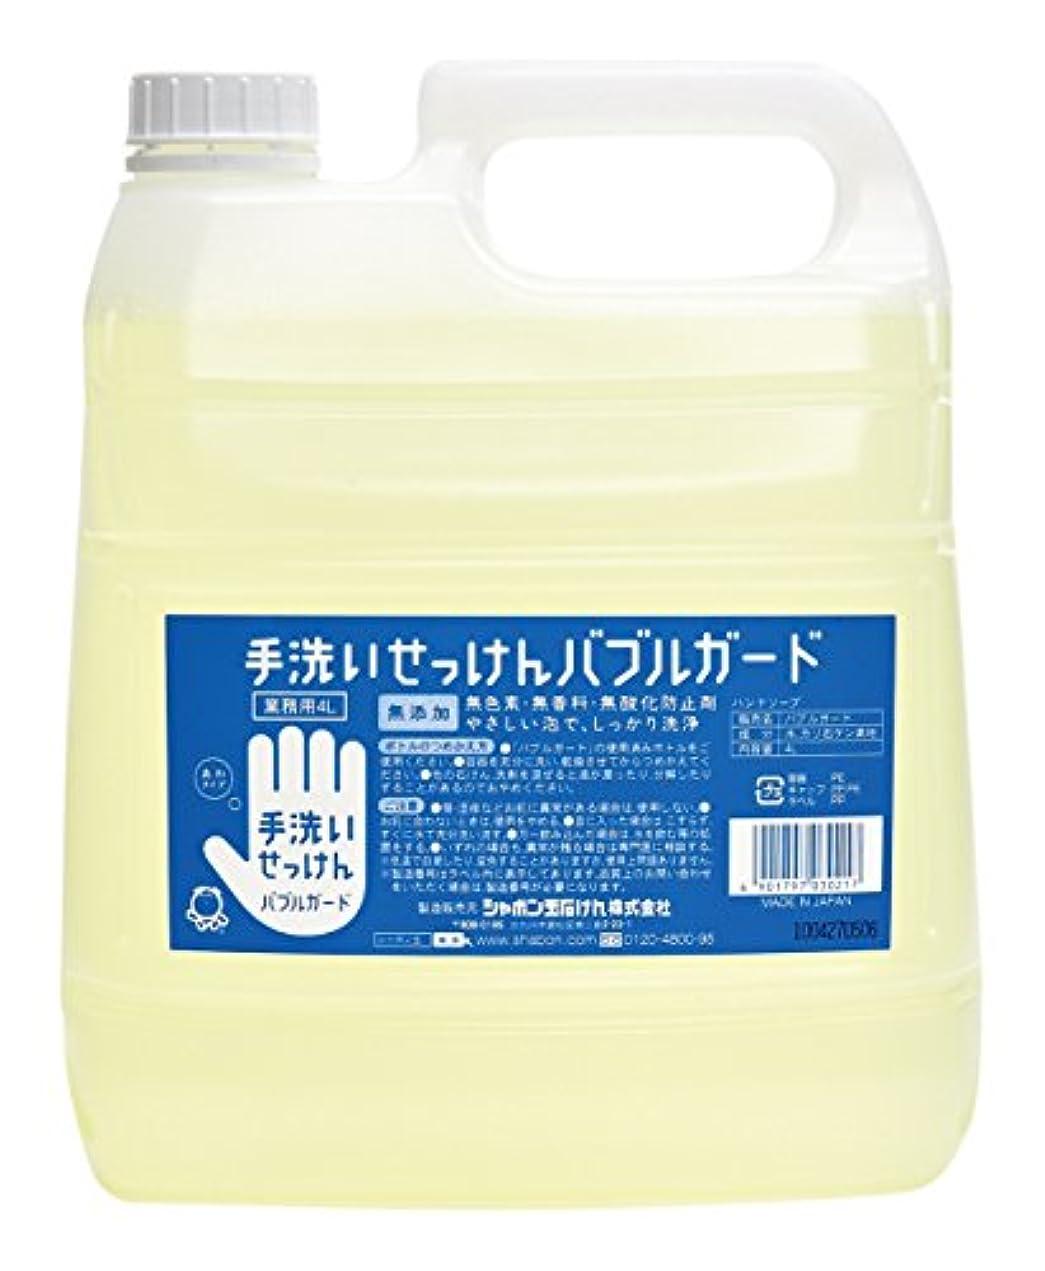 スタッフロック解除バイオリニスト【大容量】 シャボン玉 バブルガード 業務用 4L